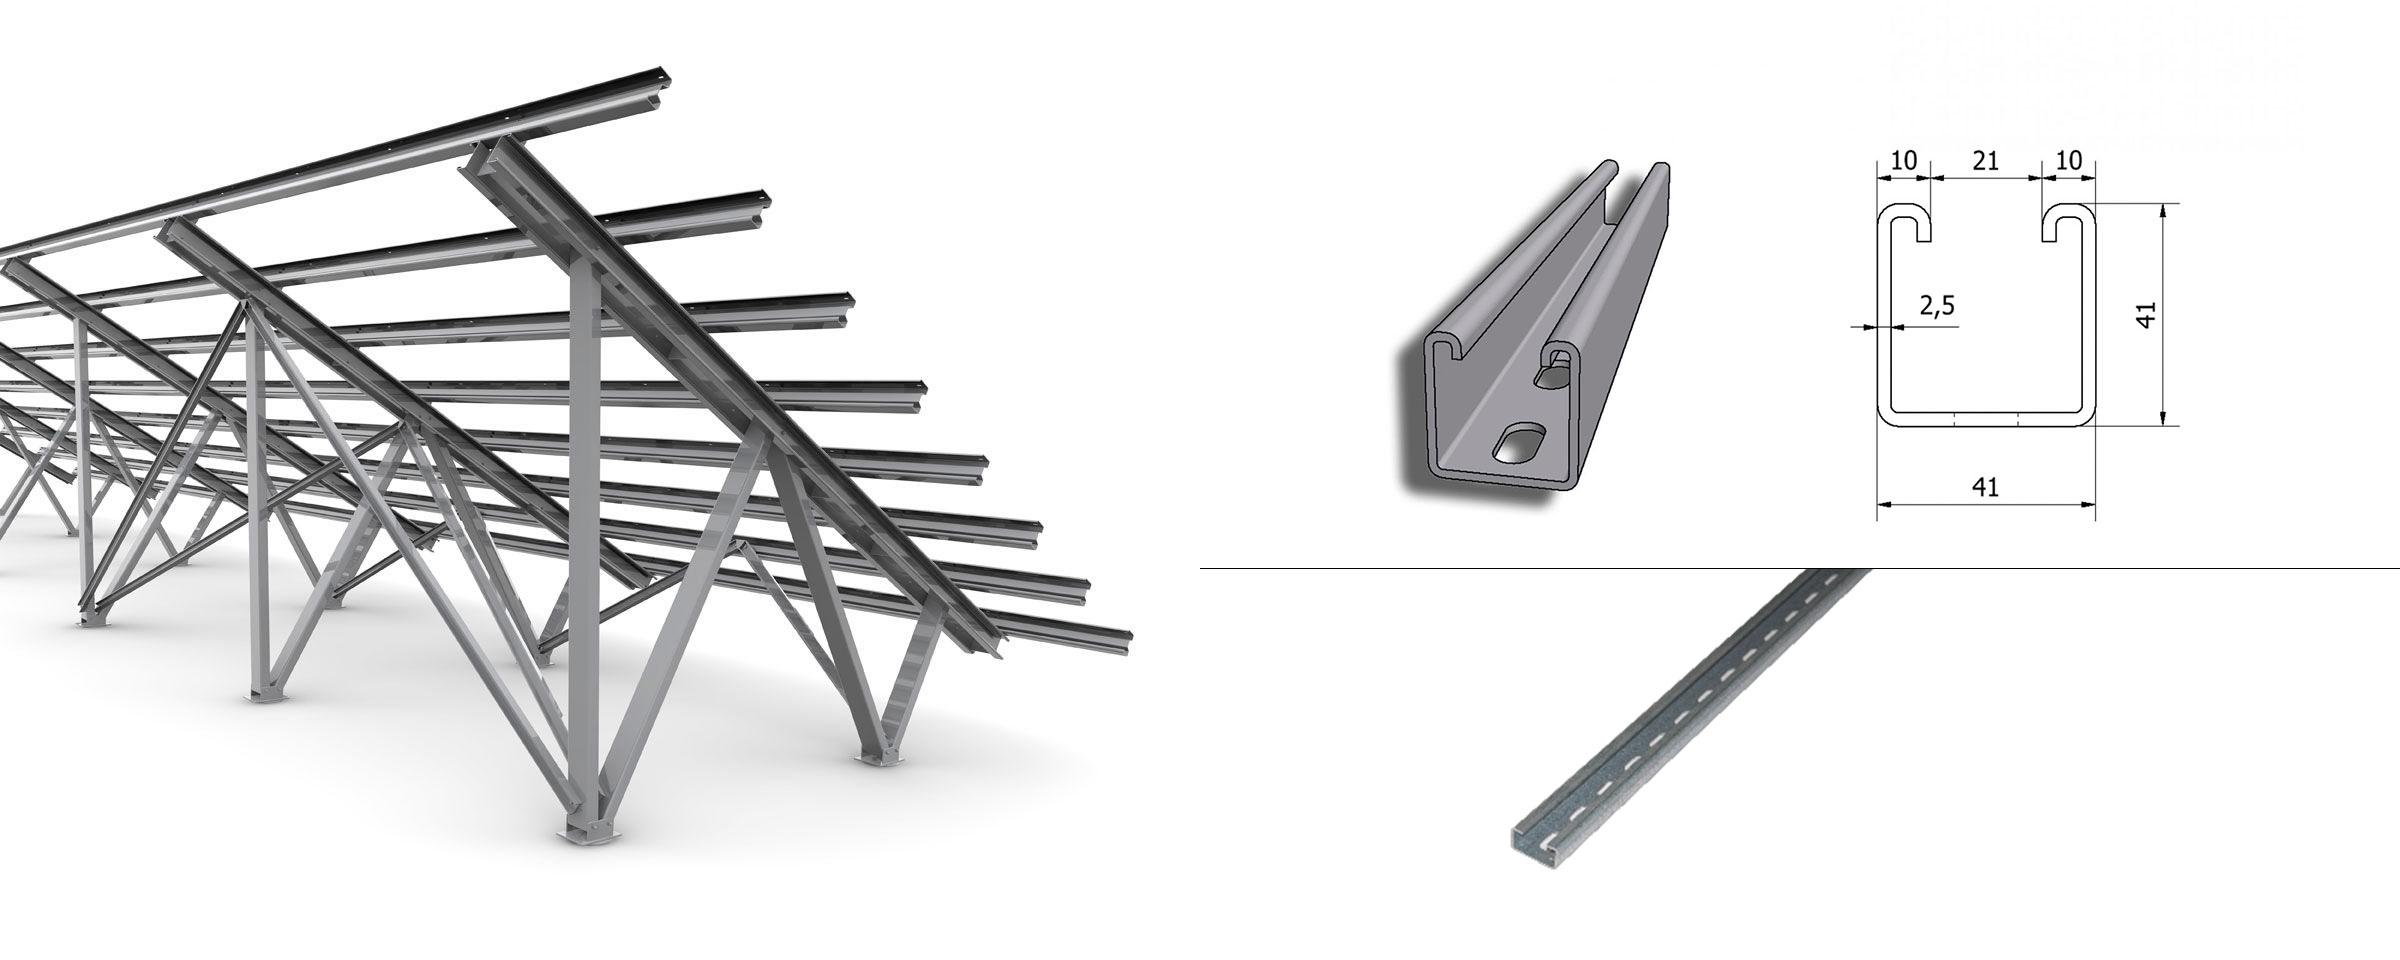 Profili in acciaio siderurgica tocchet for Profili per gradini in acciaio